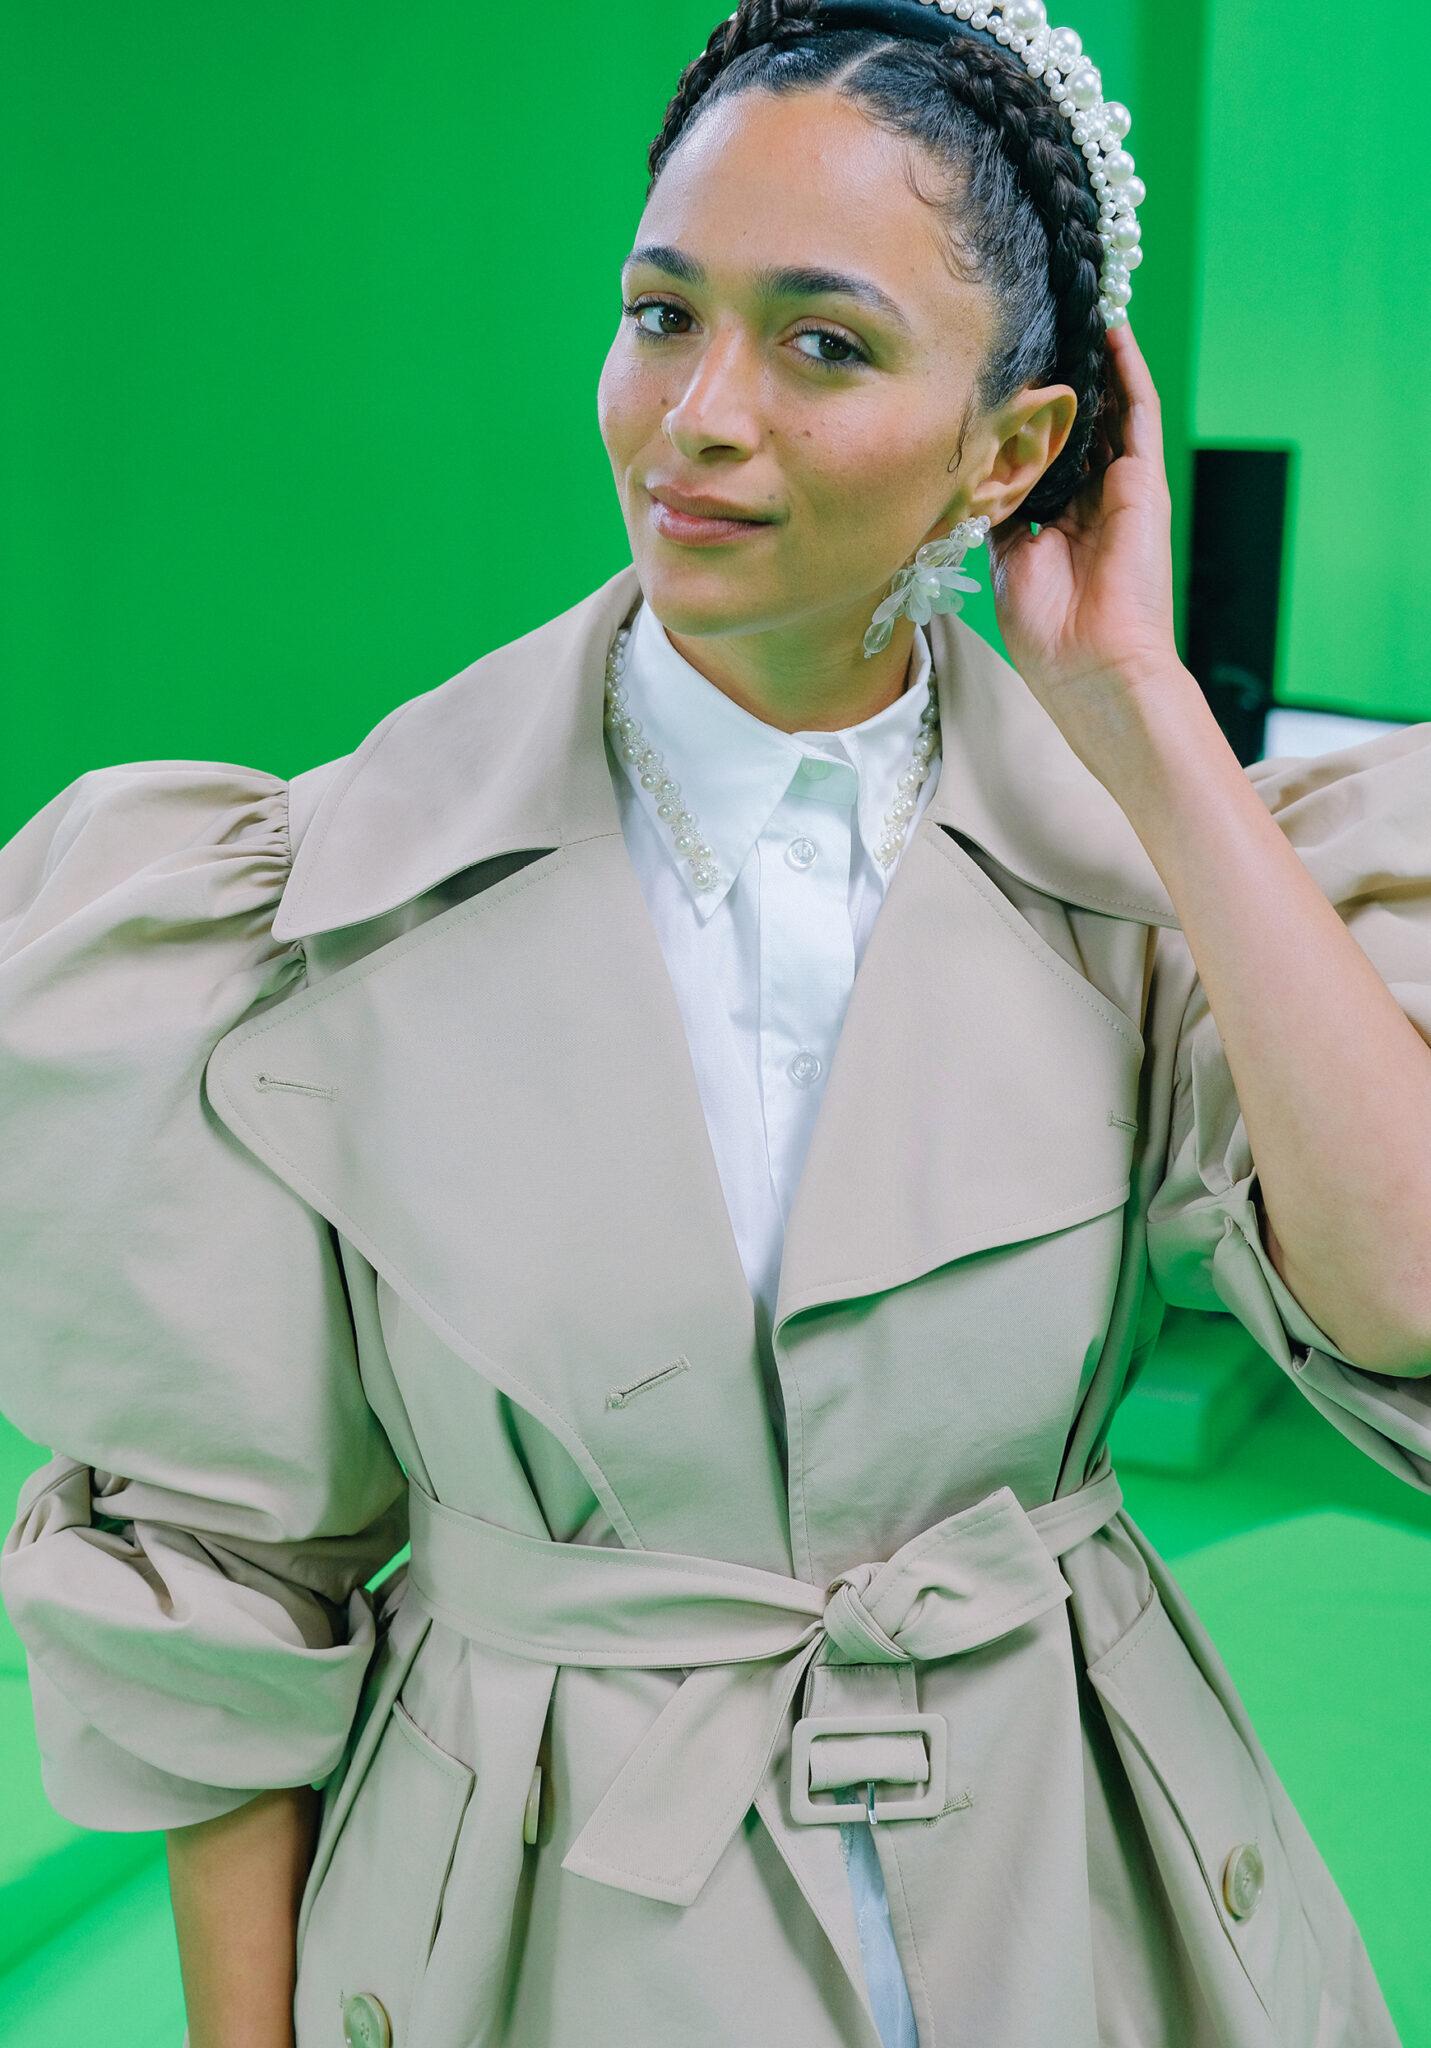 Simone Rocha x H&M-samarbeidet vises frem i AR.